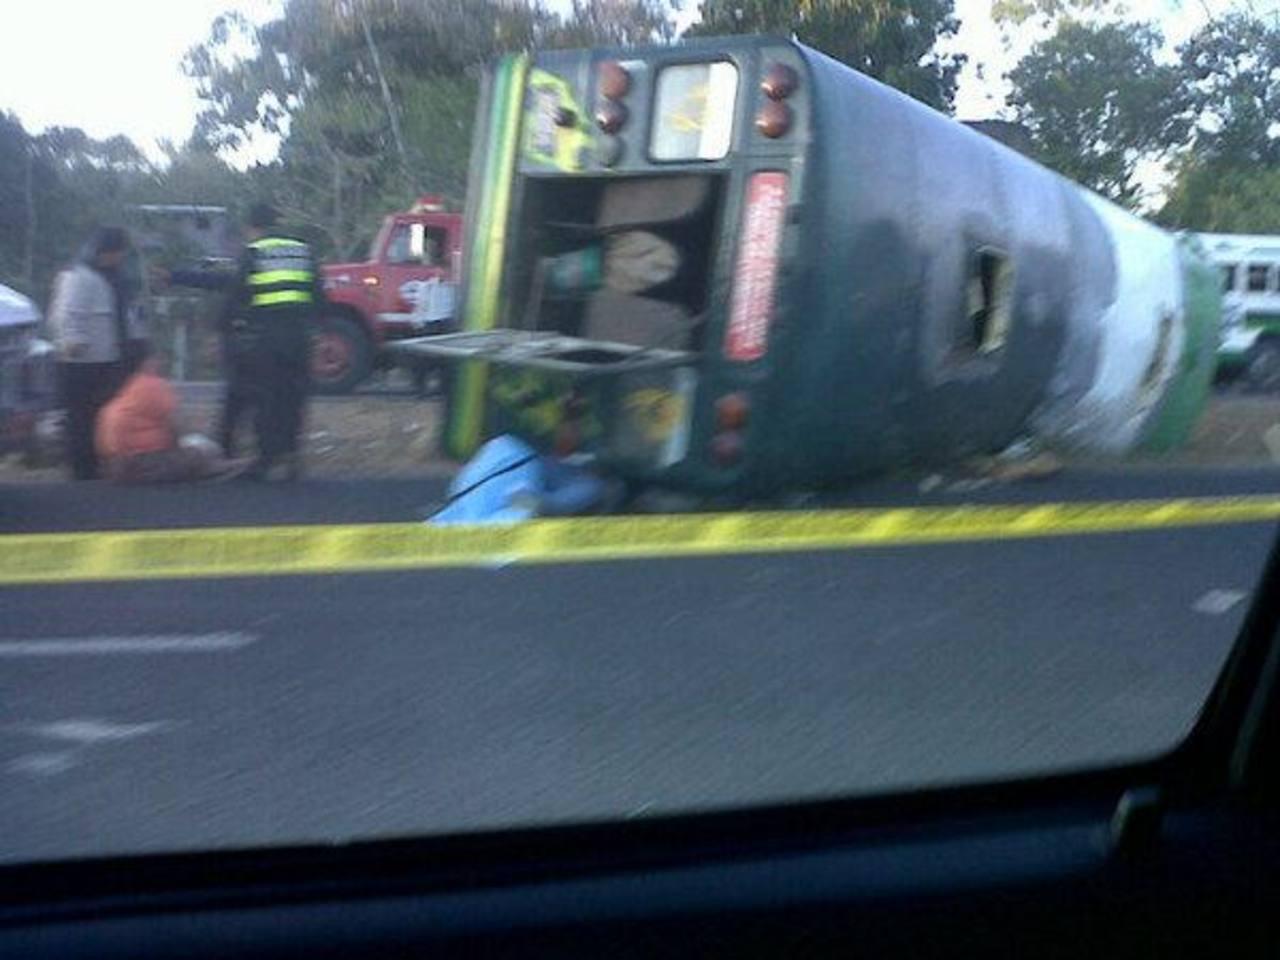 El accidente sobre el km 19 de la carretera Panamericana, San Martín. Foto @maycflores17